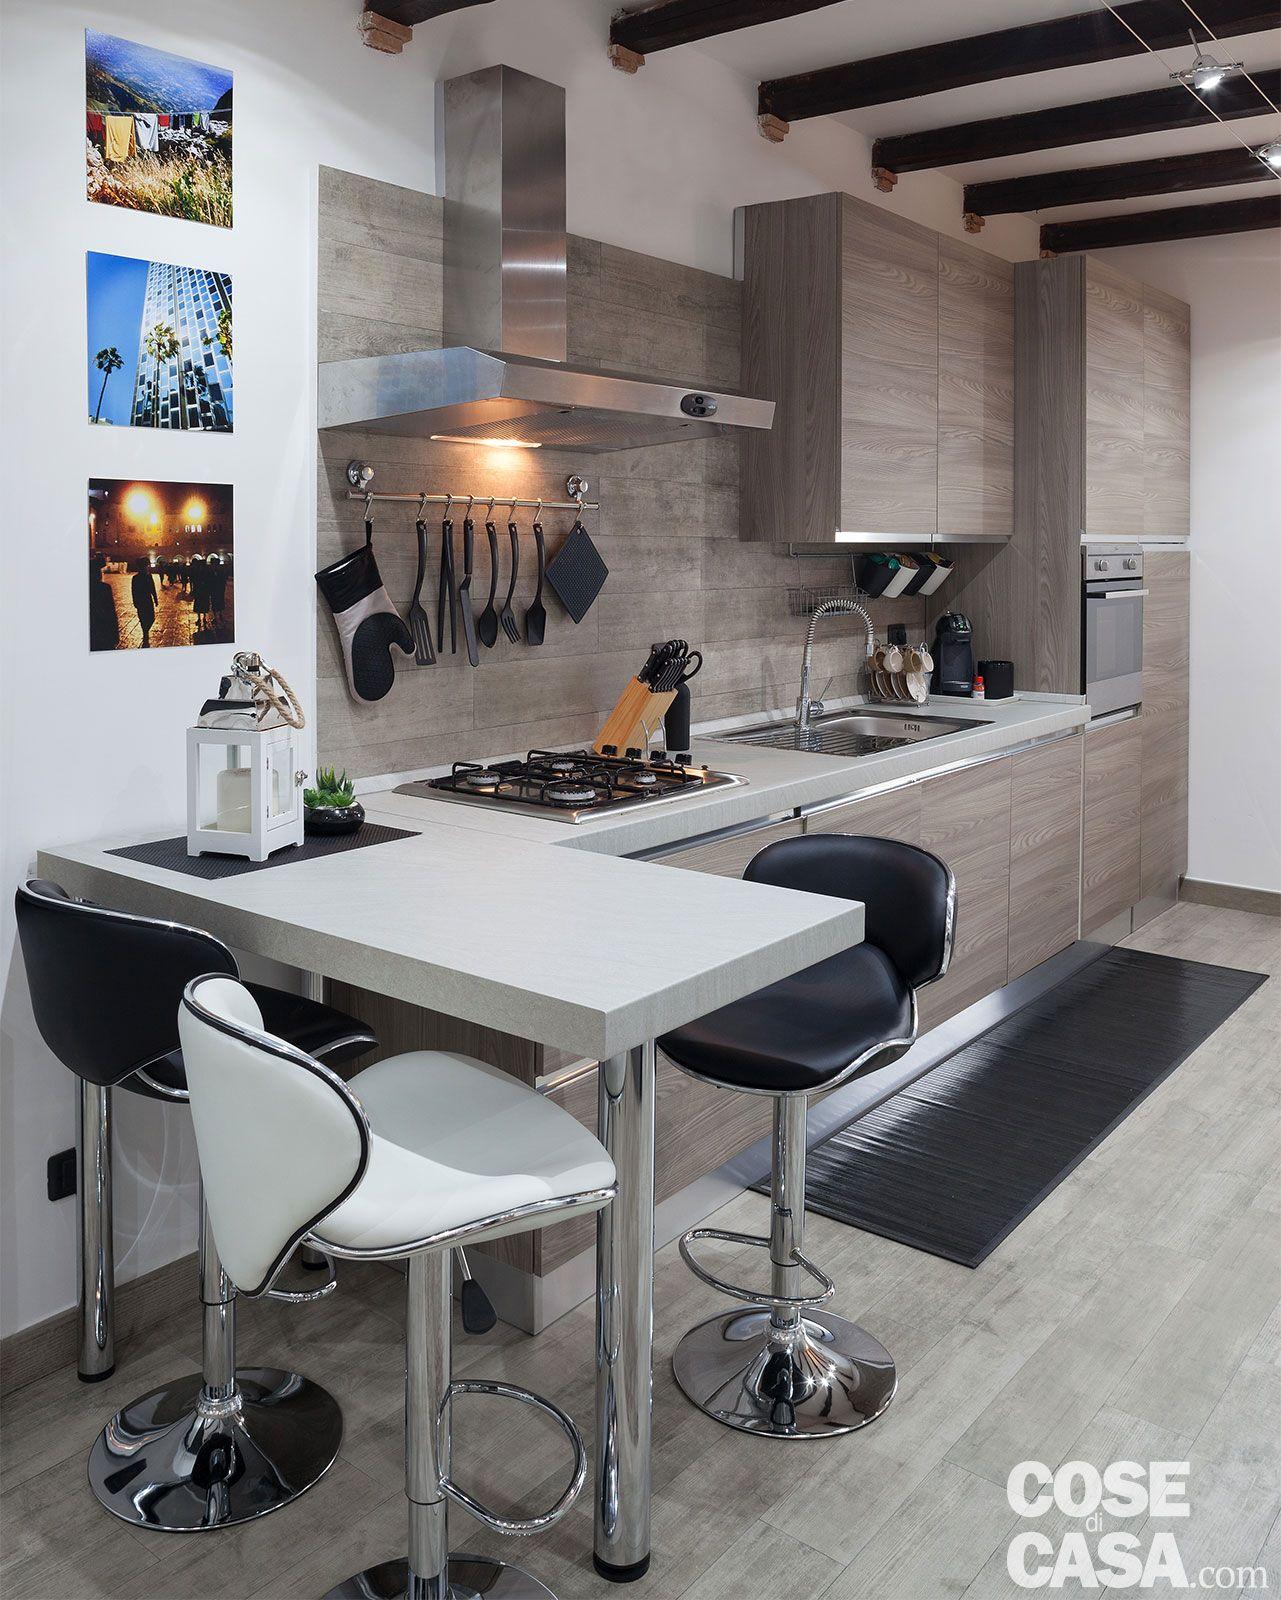 Monolocale Trasformabile Night Day Cose Di Casa Arredo Interni Cucina Arredamento Sala E Cucina Monolocale Cucina